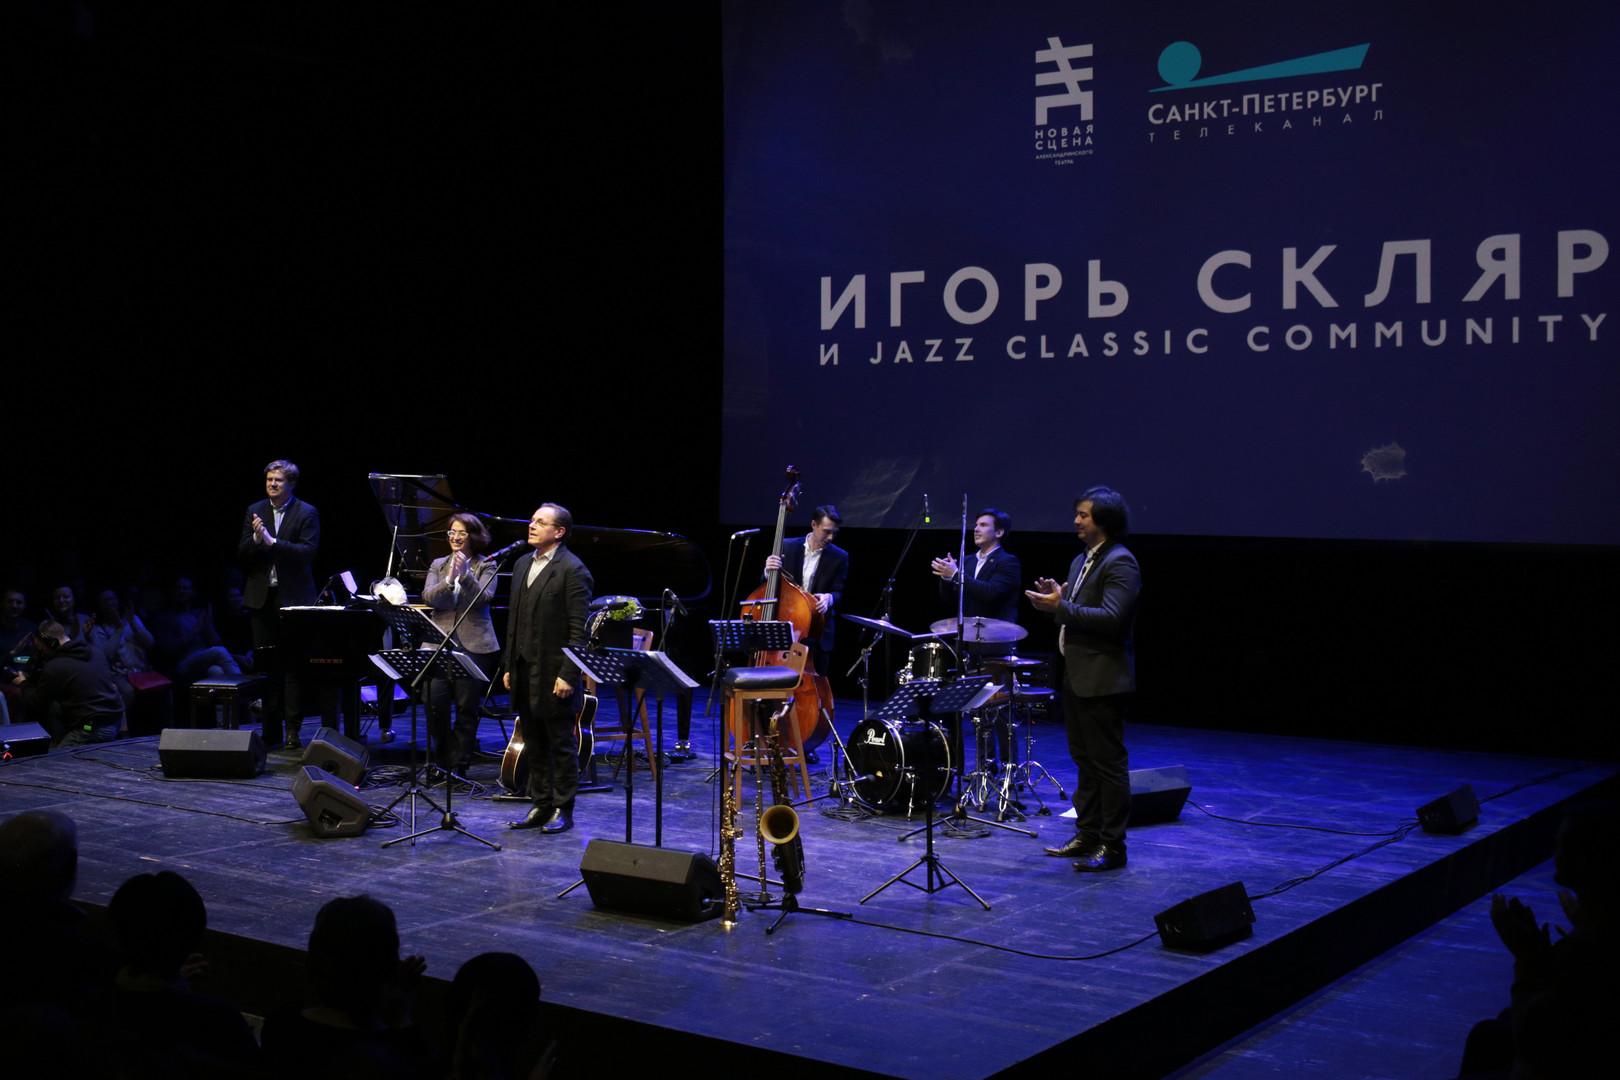 Игорь Скляр Jazz Classic Community - Премьера Новая Сцена Александринского Театра  фотограф @andrewsherstnev